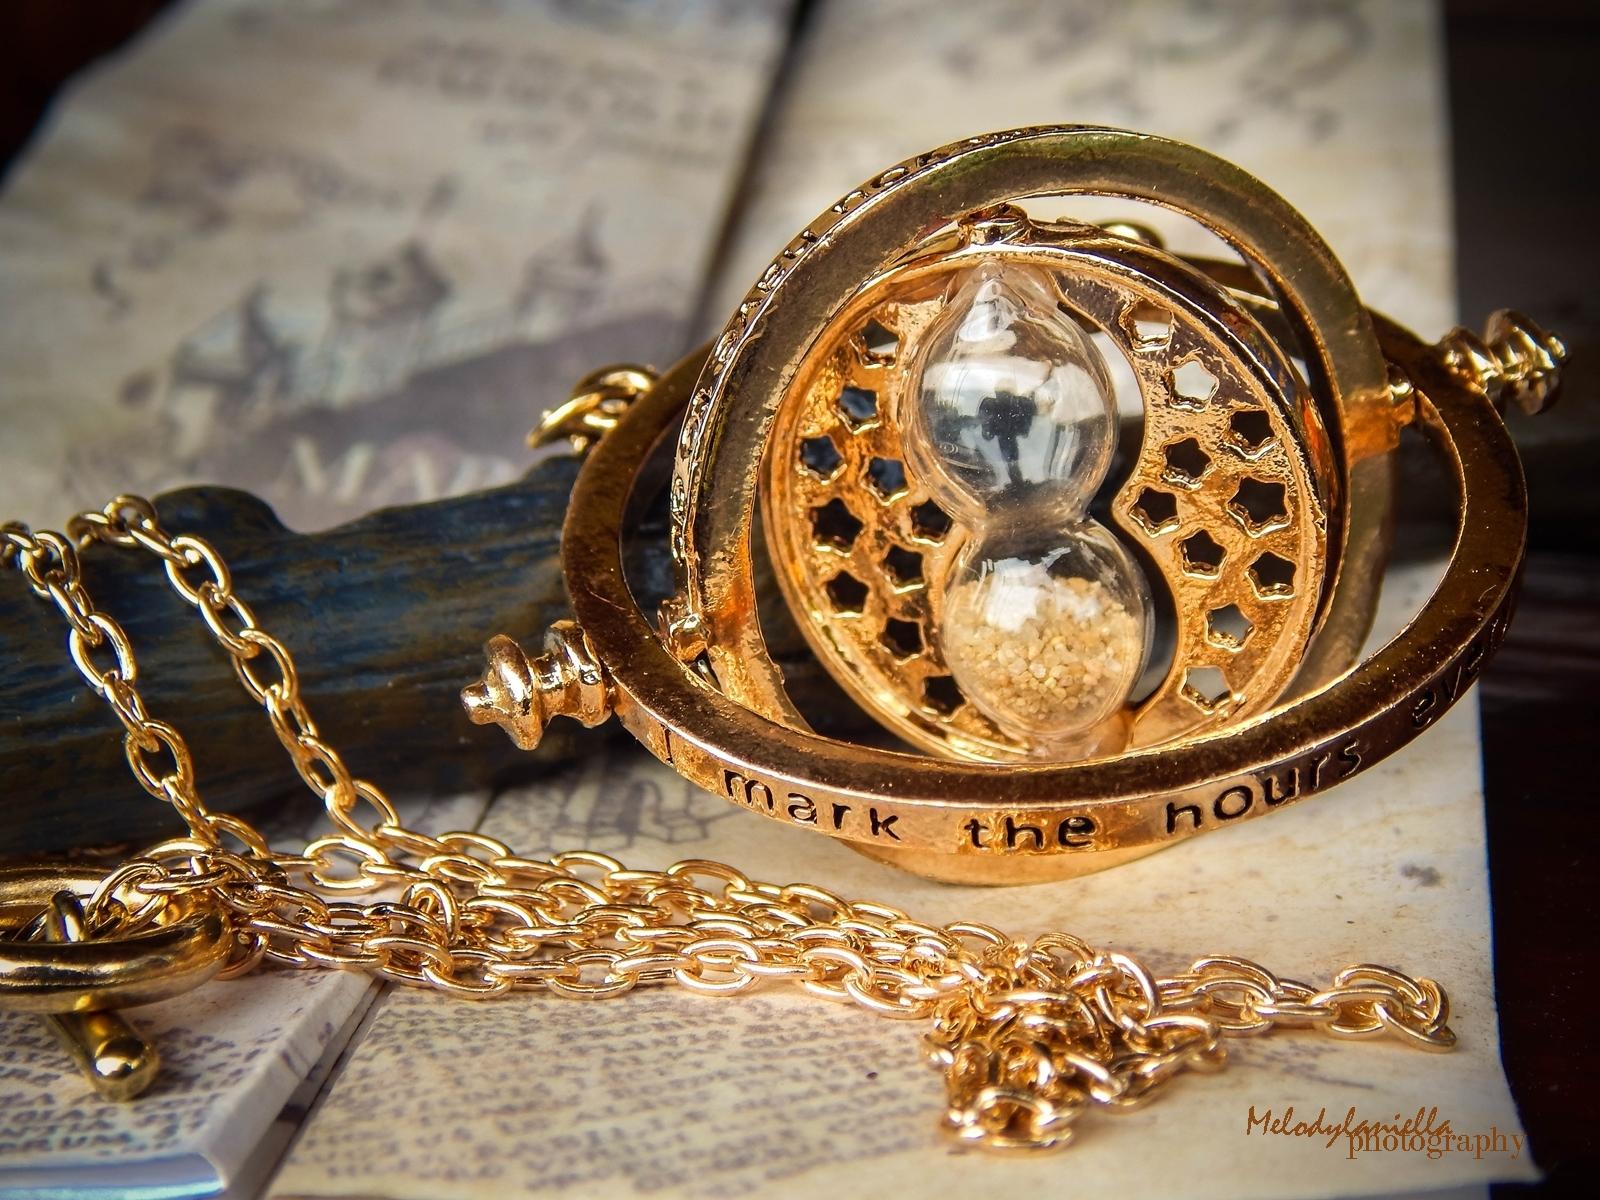 harry potter różdżka zmieniacz czasu mapa huncwotów ksiązki mugole prezenty bizuteria złoty znicz pióro sowa mapa dla fanów prezent złoto zmieniacz czasu hermiony